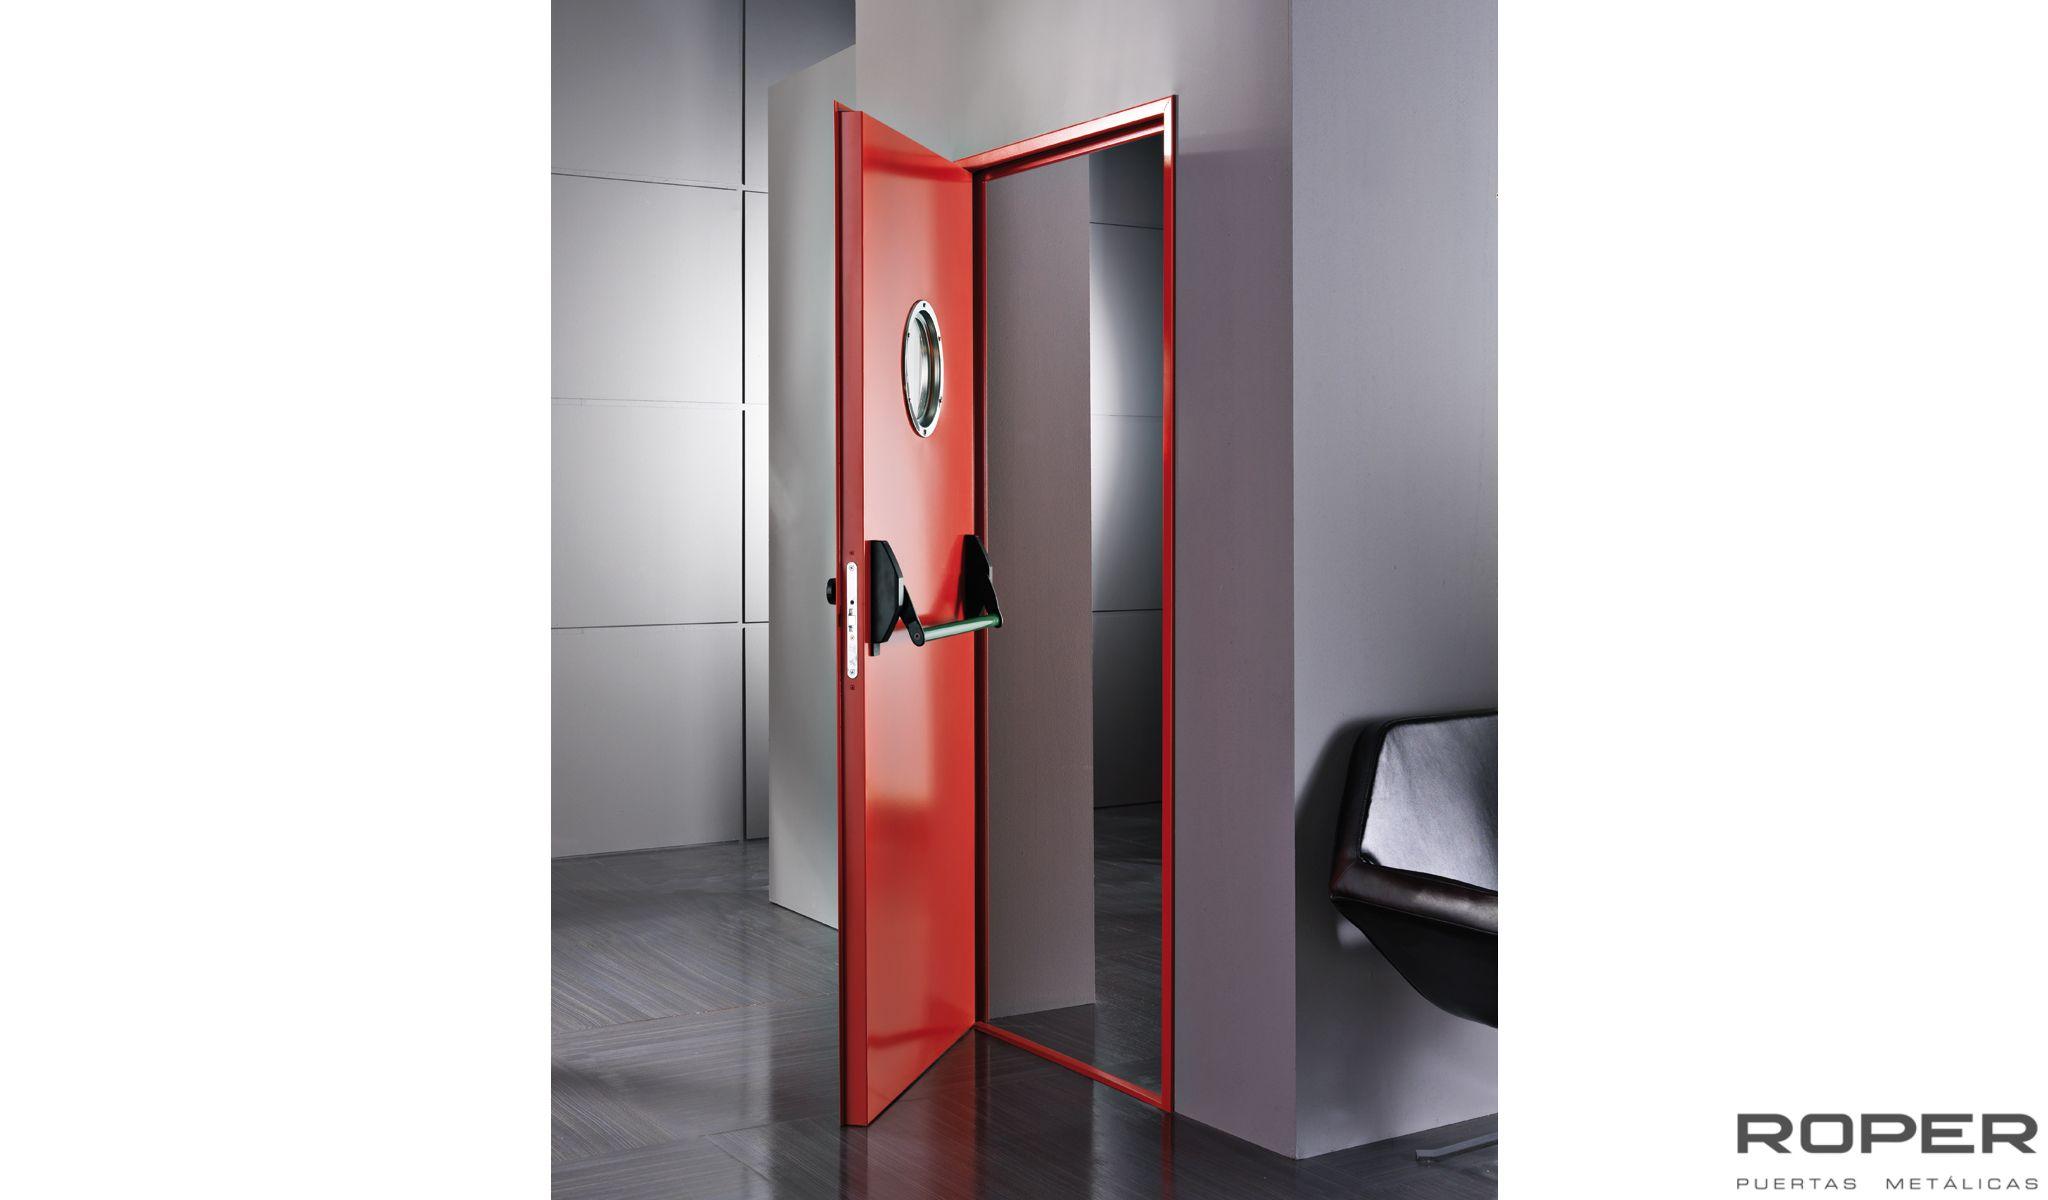 Puertas contra incendios precios elegant es identifique a for Puertas contra incendios